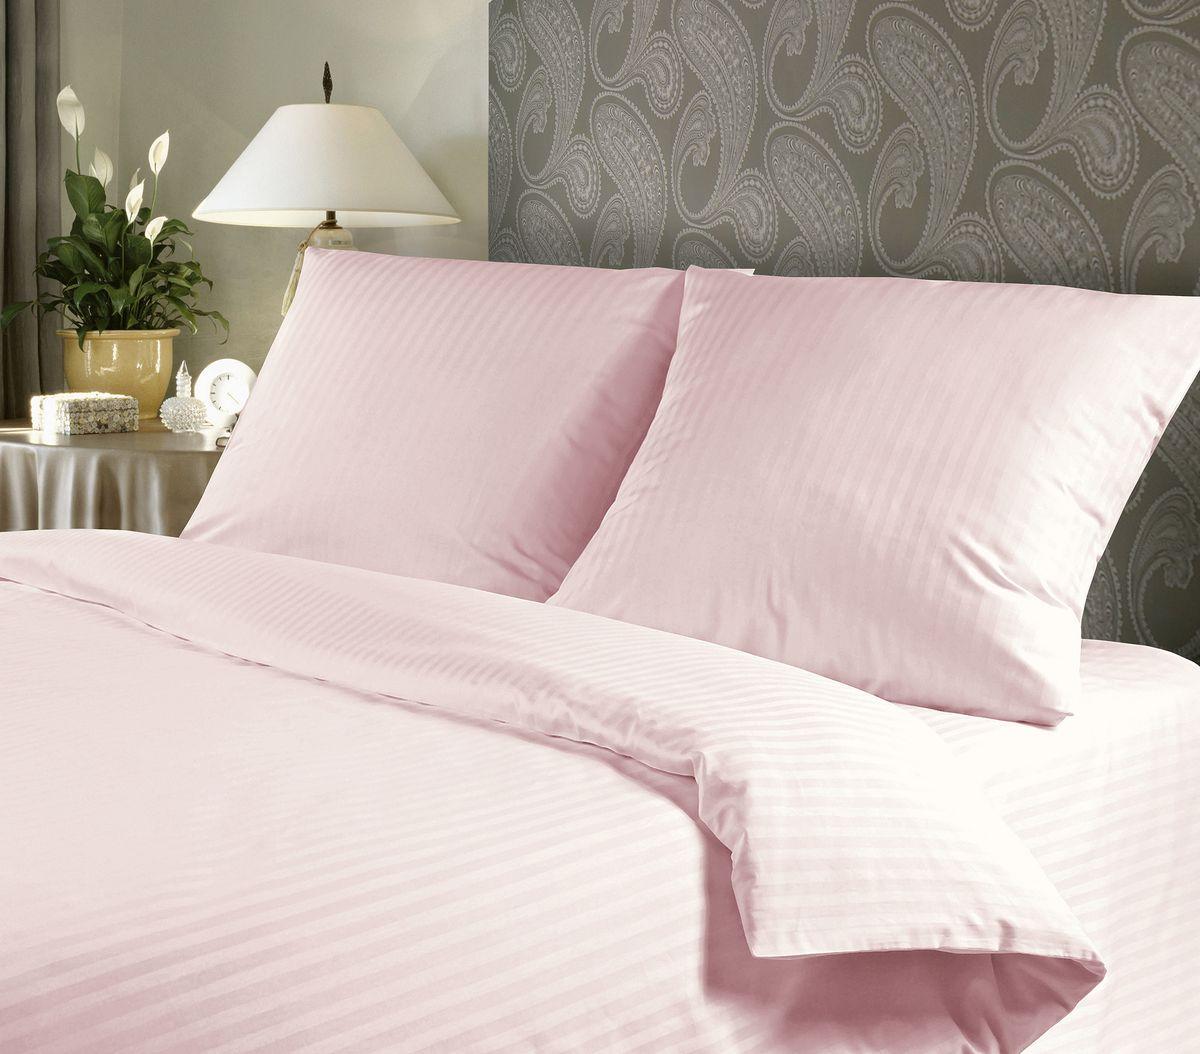 Комплект белья Verossa Royal Peach, 1,5-спальный, наволочки 50х70, цвет: светло-розовыйK100Комплект белья Verossa Royal Peach состоит из простыни, пододеяльника и двух наволочек. Белье выполнено из ткани страйп люкс (разновидность страйп-сатина) - хлопковая ткань сложного саржевого переплетения со структурой в полоску, что создает эффект жаккардового рисунка. Это бархатистая, прочная, мягкая ткань, дышащая и приятная на ощупь, она позволяет ощутить особый уют и теплоту во время сна. Кроме того, белье из такой ткани износоустойчивое, долговечное, не вызывает аллергии. Постельное белье имеет классический лаконичный внешний вид, поэтому идеально впишется в интерьер любой спальни.